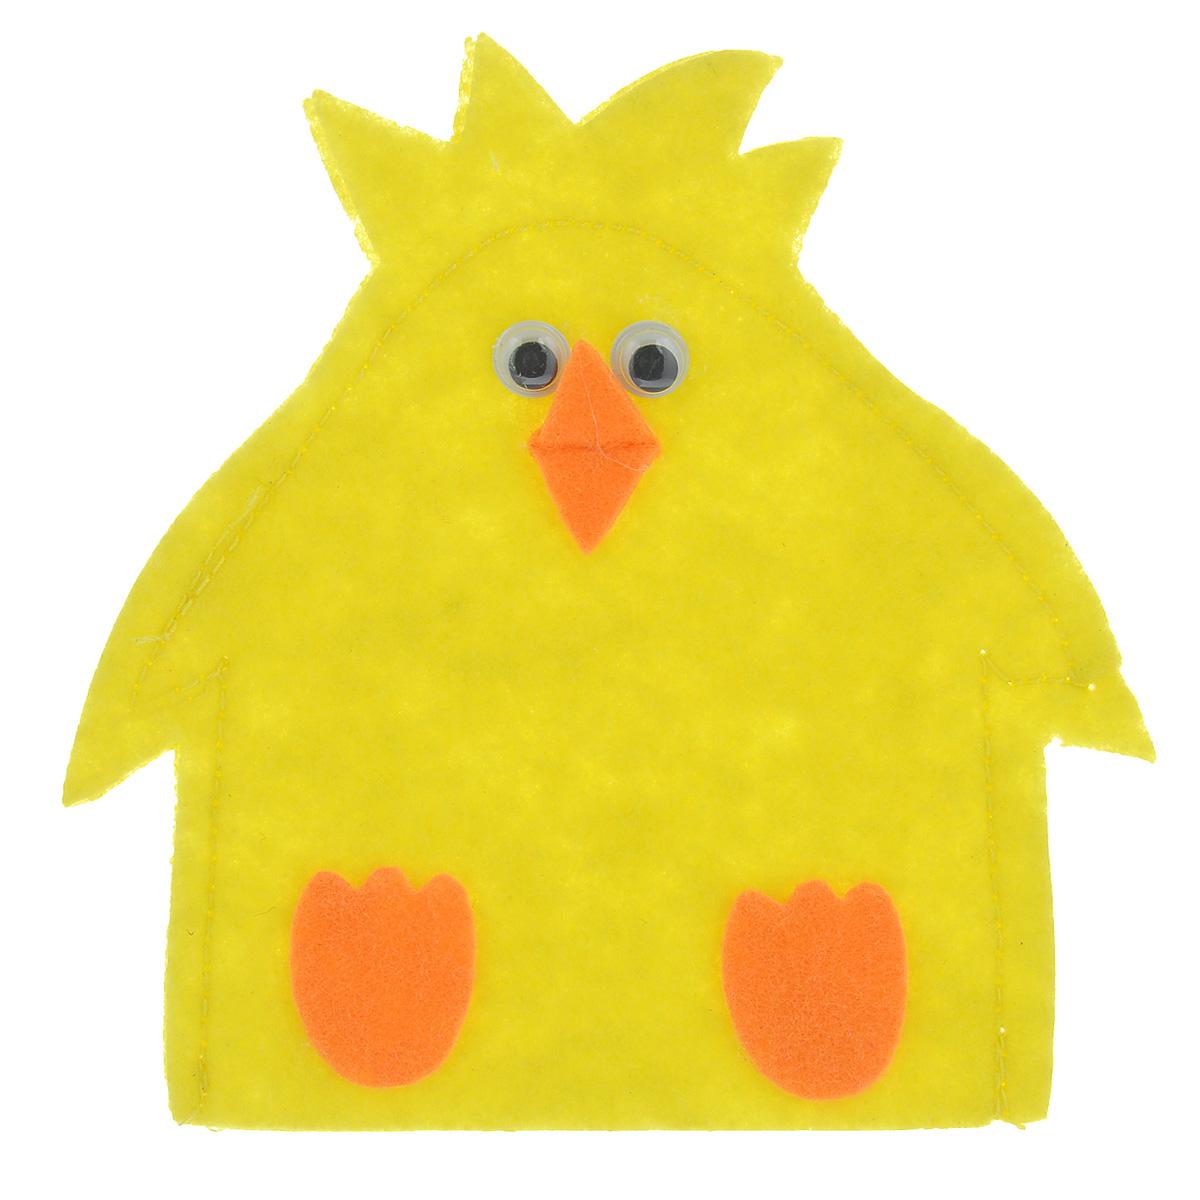 """Фото Грелка для яйца Home Queen """"Цыпленок"""", цвет: желтый, 11,5 х 11,5 см"""